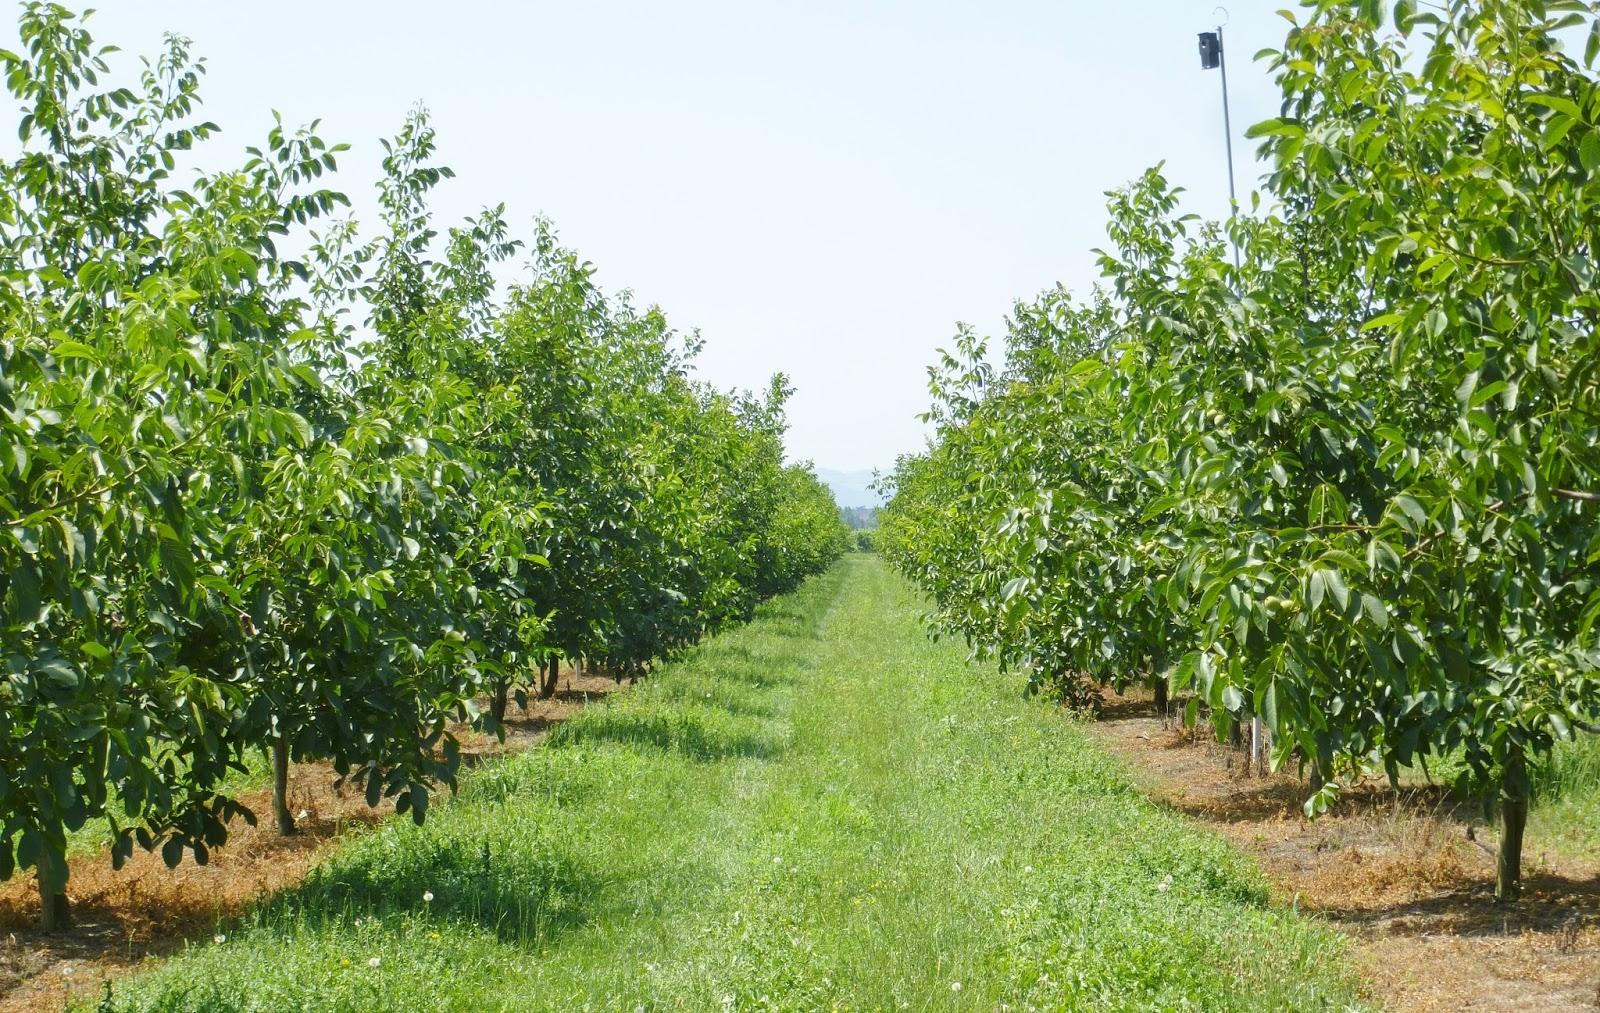 Piante Di Noce : Agriculture consulting agronomist dell agronomo vito